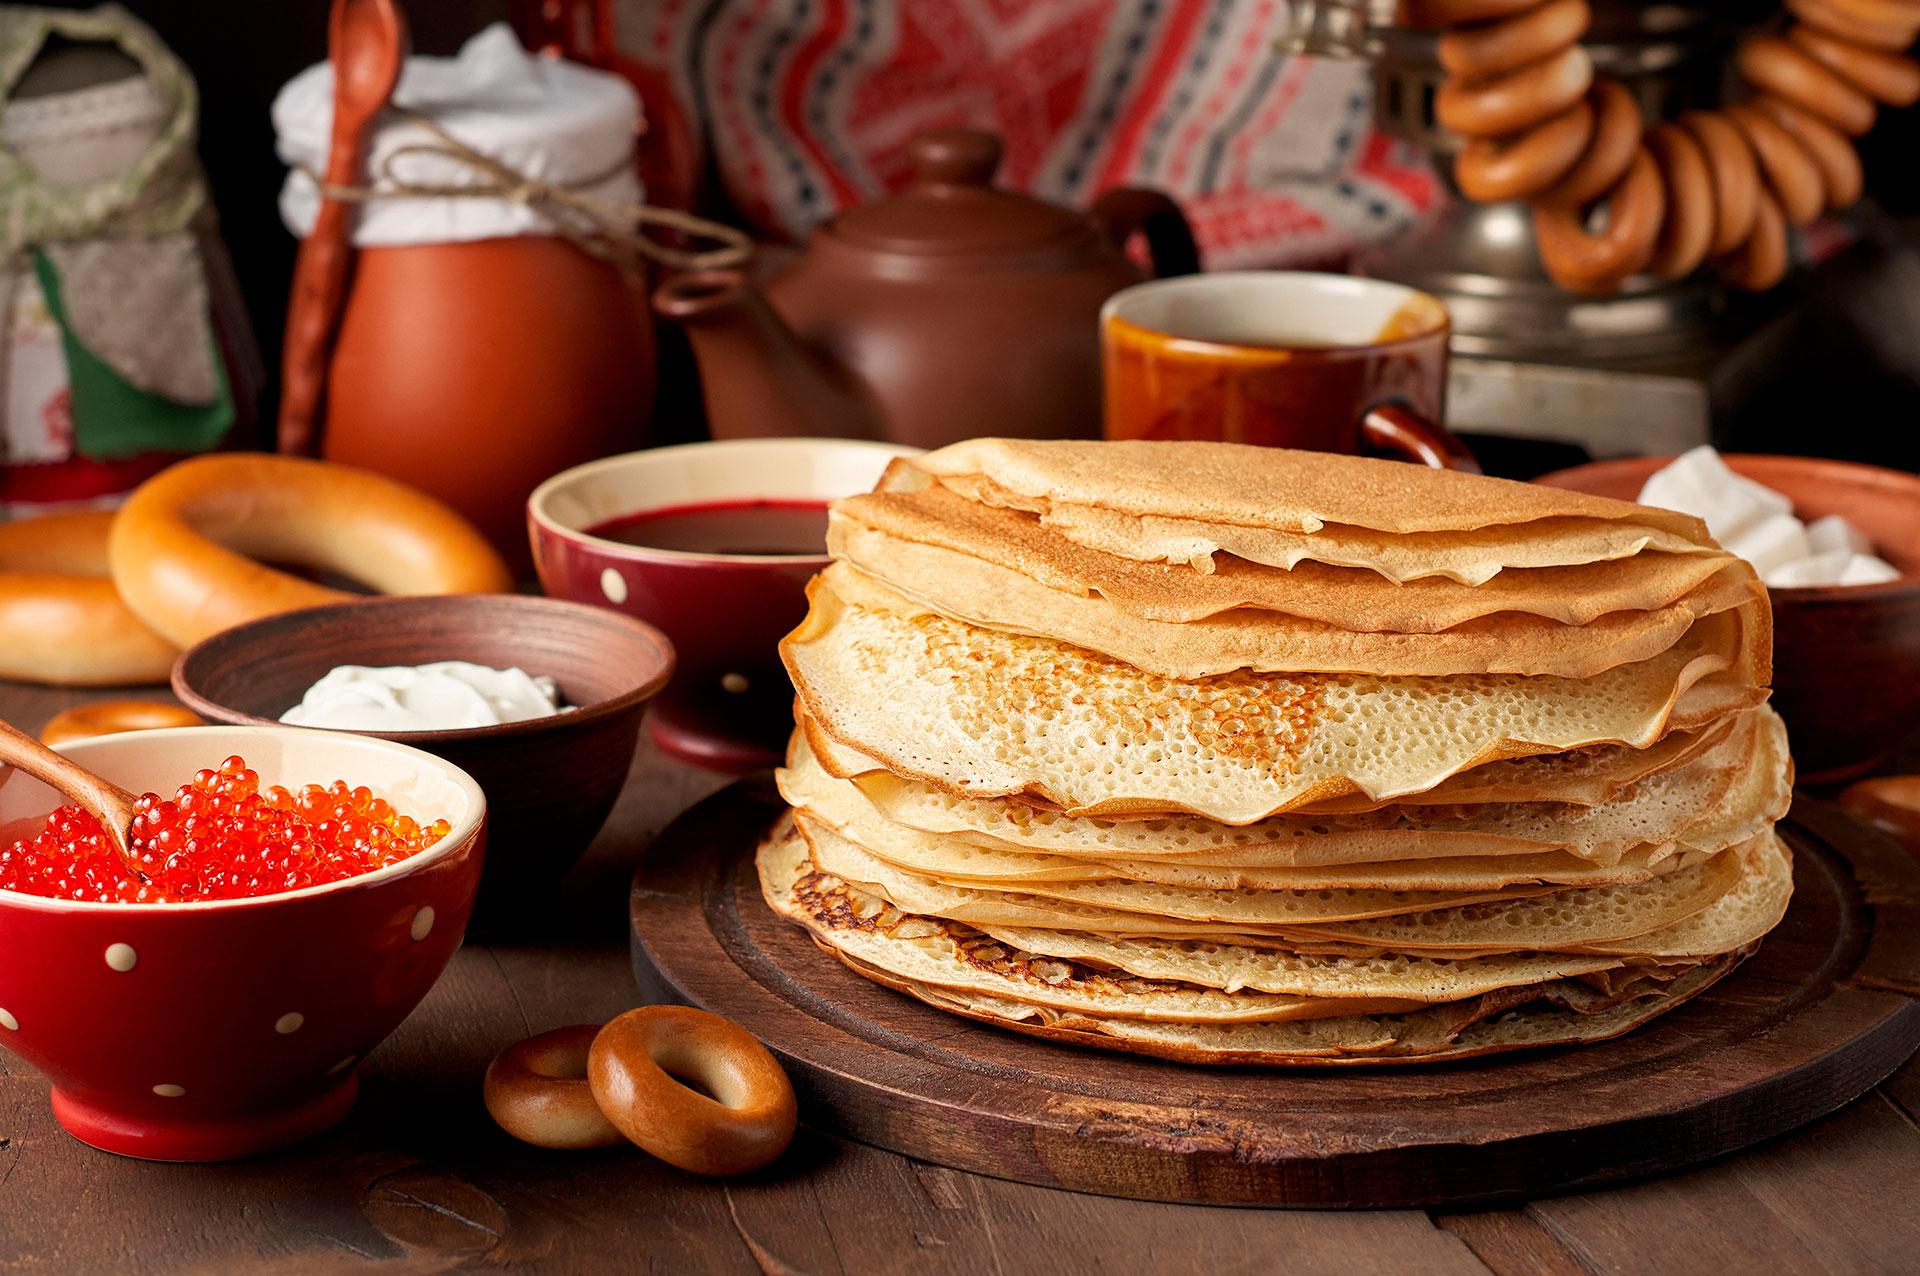 Los blinis son panqueques rusos delgados servidos con salsas dulces o saladas y a menudo acompañados con caviar rojo